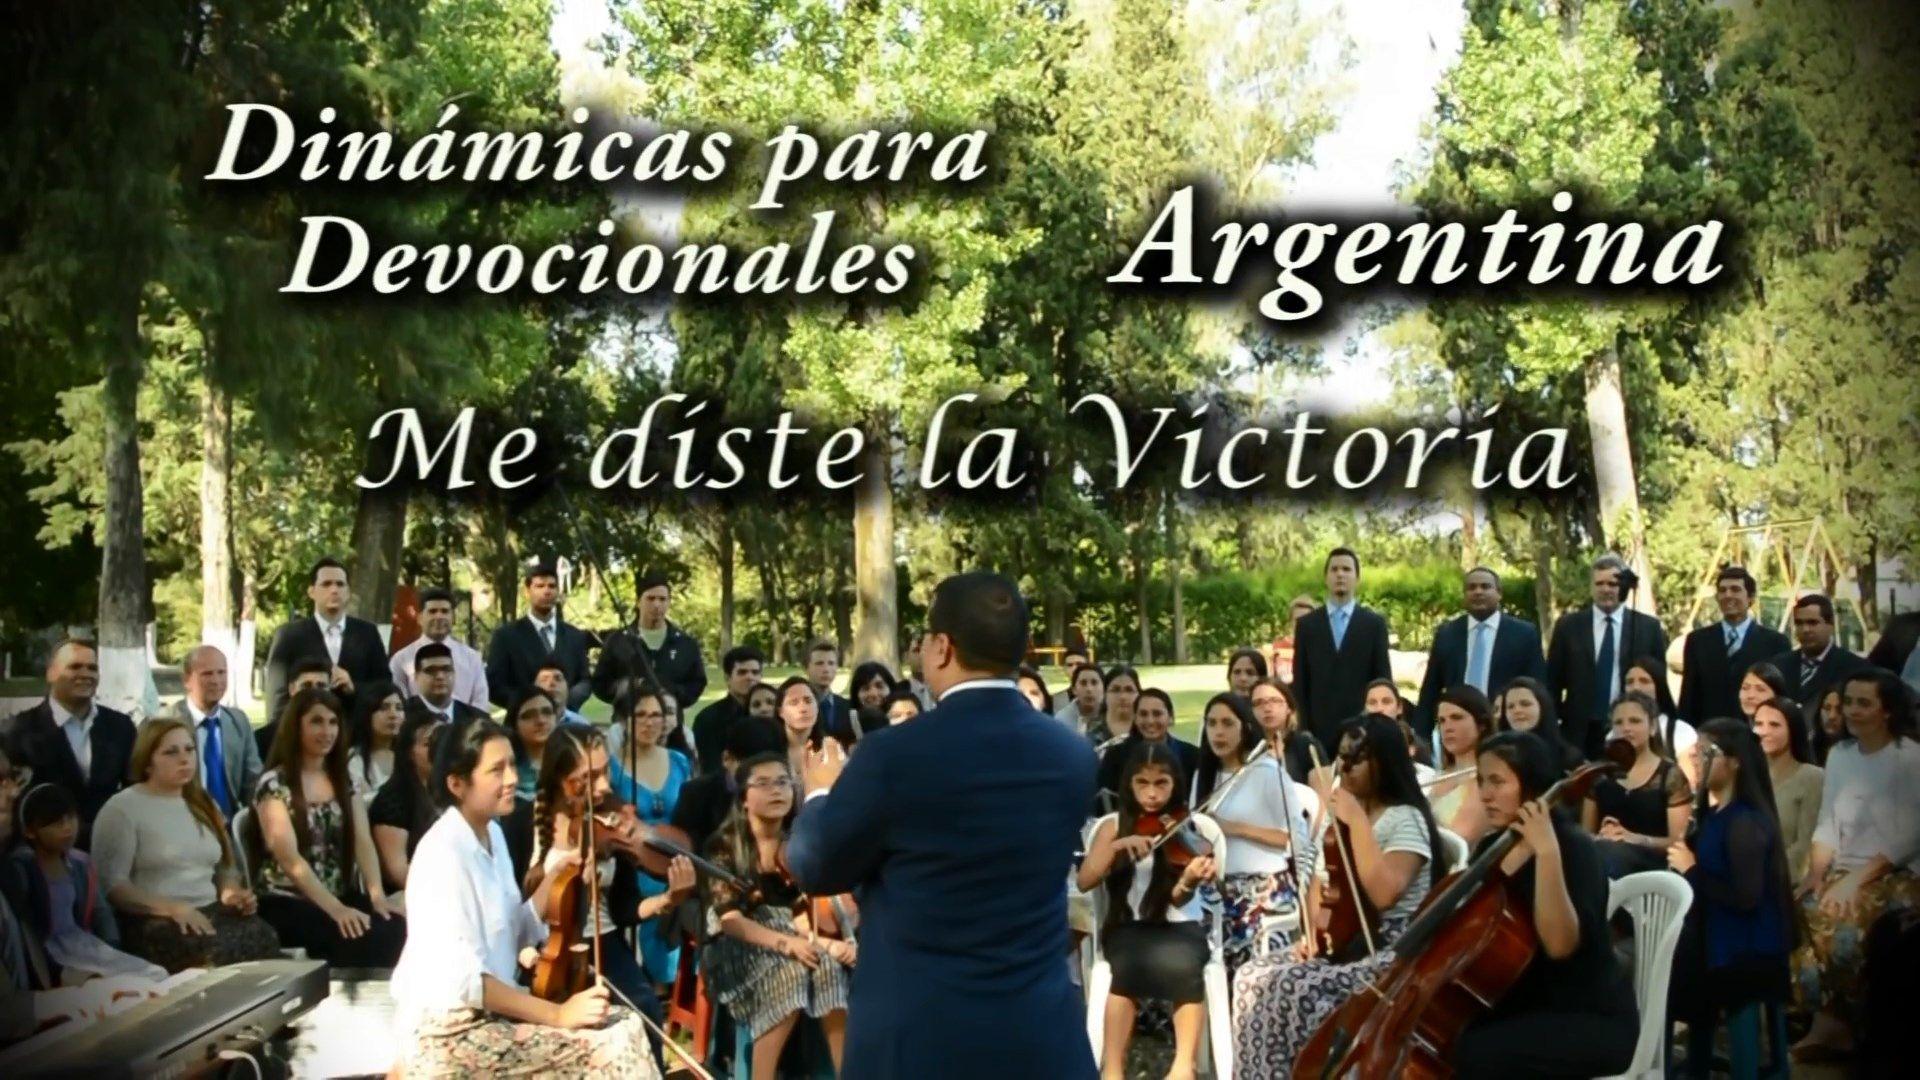 Me diste la Victoria – Dinámicas para Devocionales – Argentina